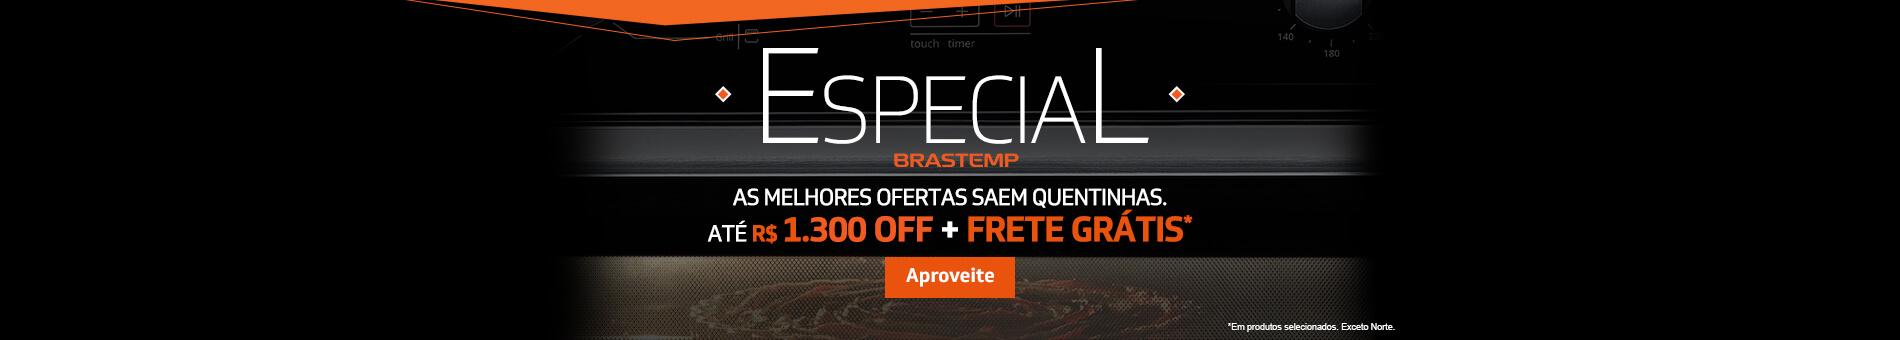 Promoção Interna - 896 - especialbtp_generico_home1_26092016 - generico - 1